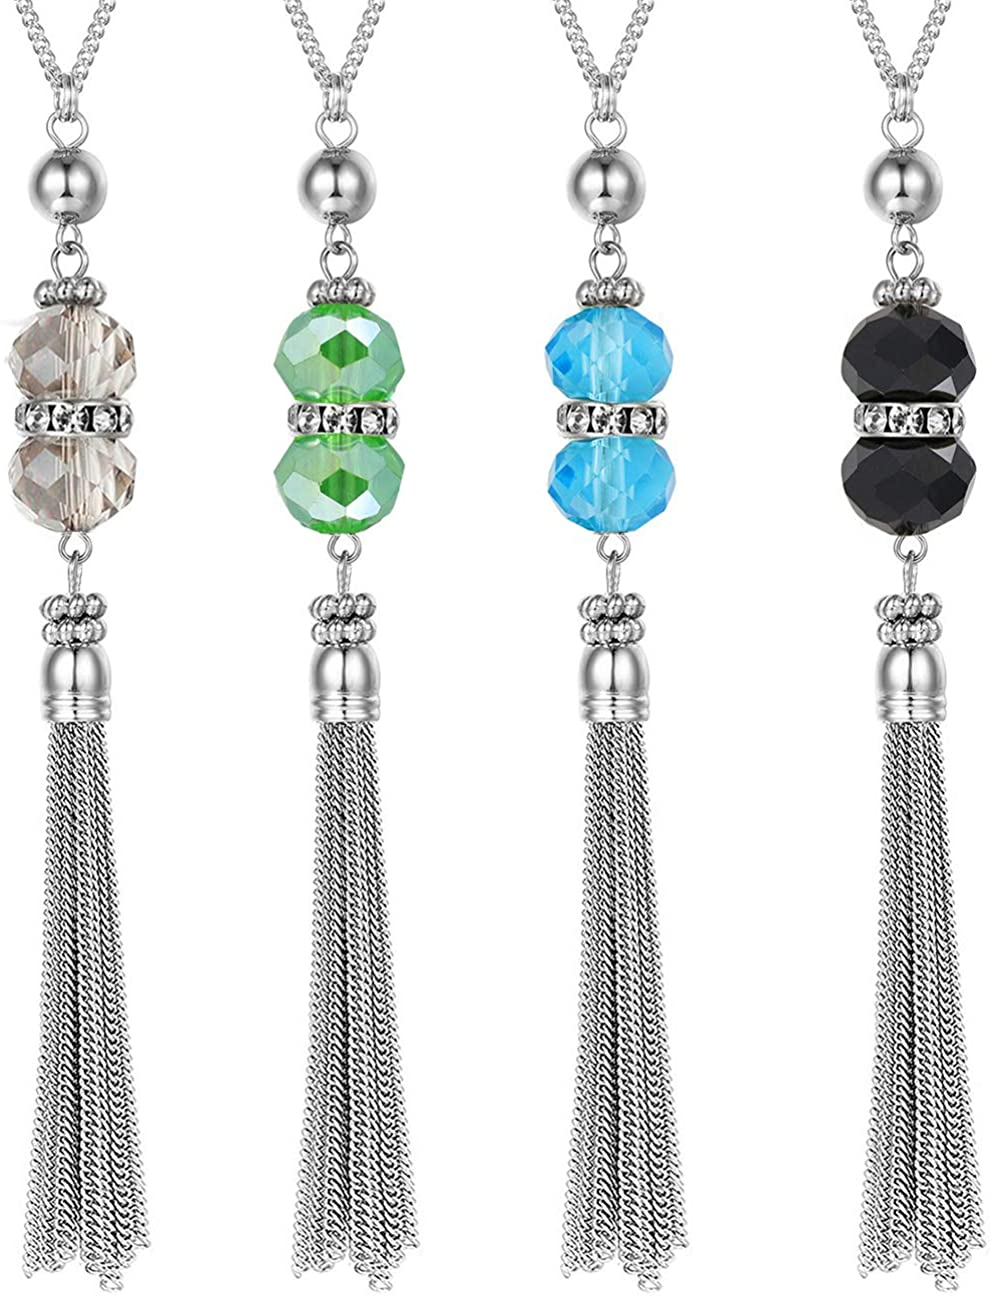 Gleamart 4Pcs Long Tassel Necklace Crystal Y Tassel Necklace Set for Women